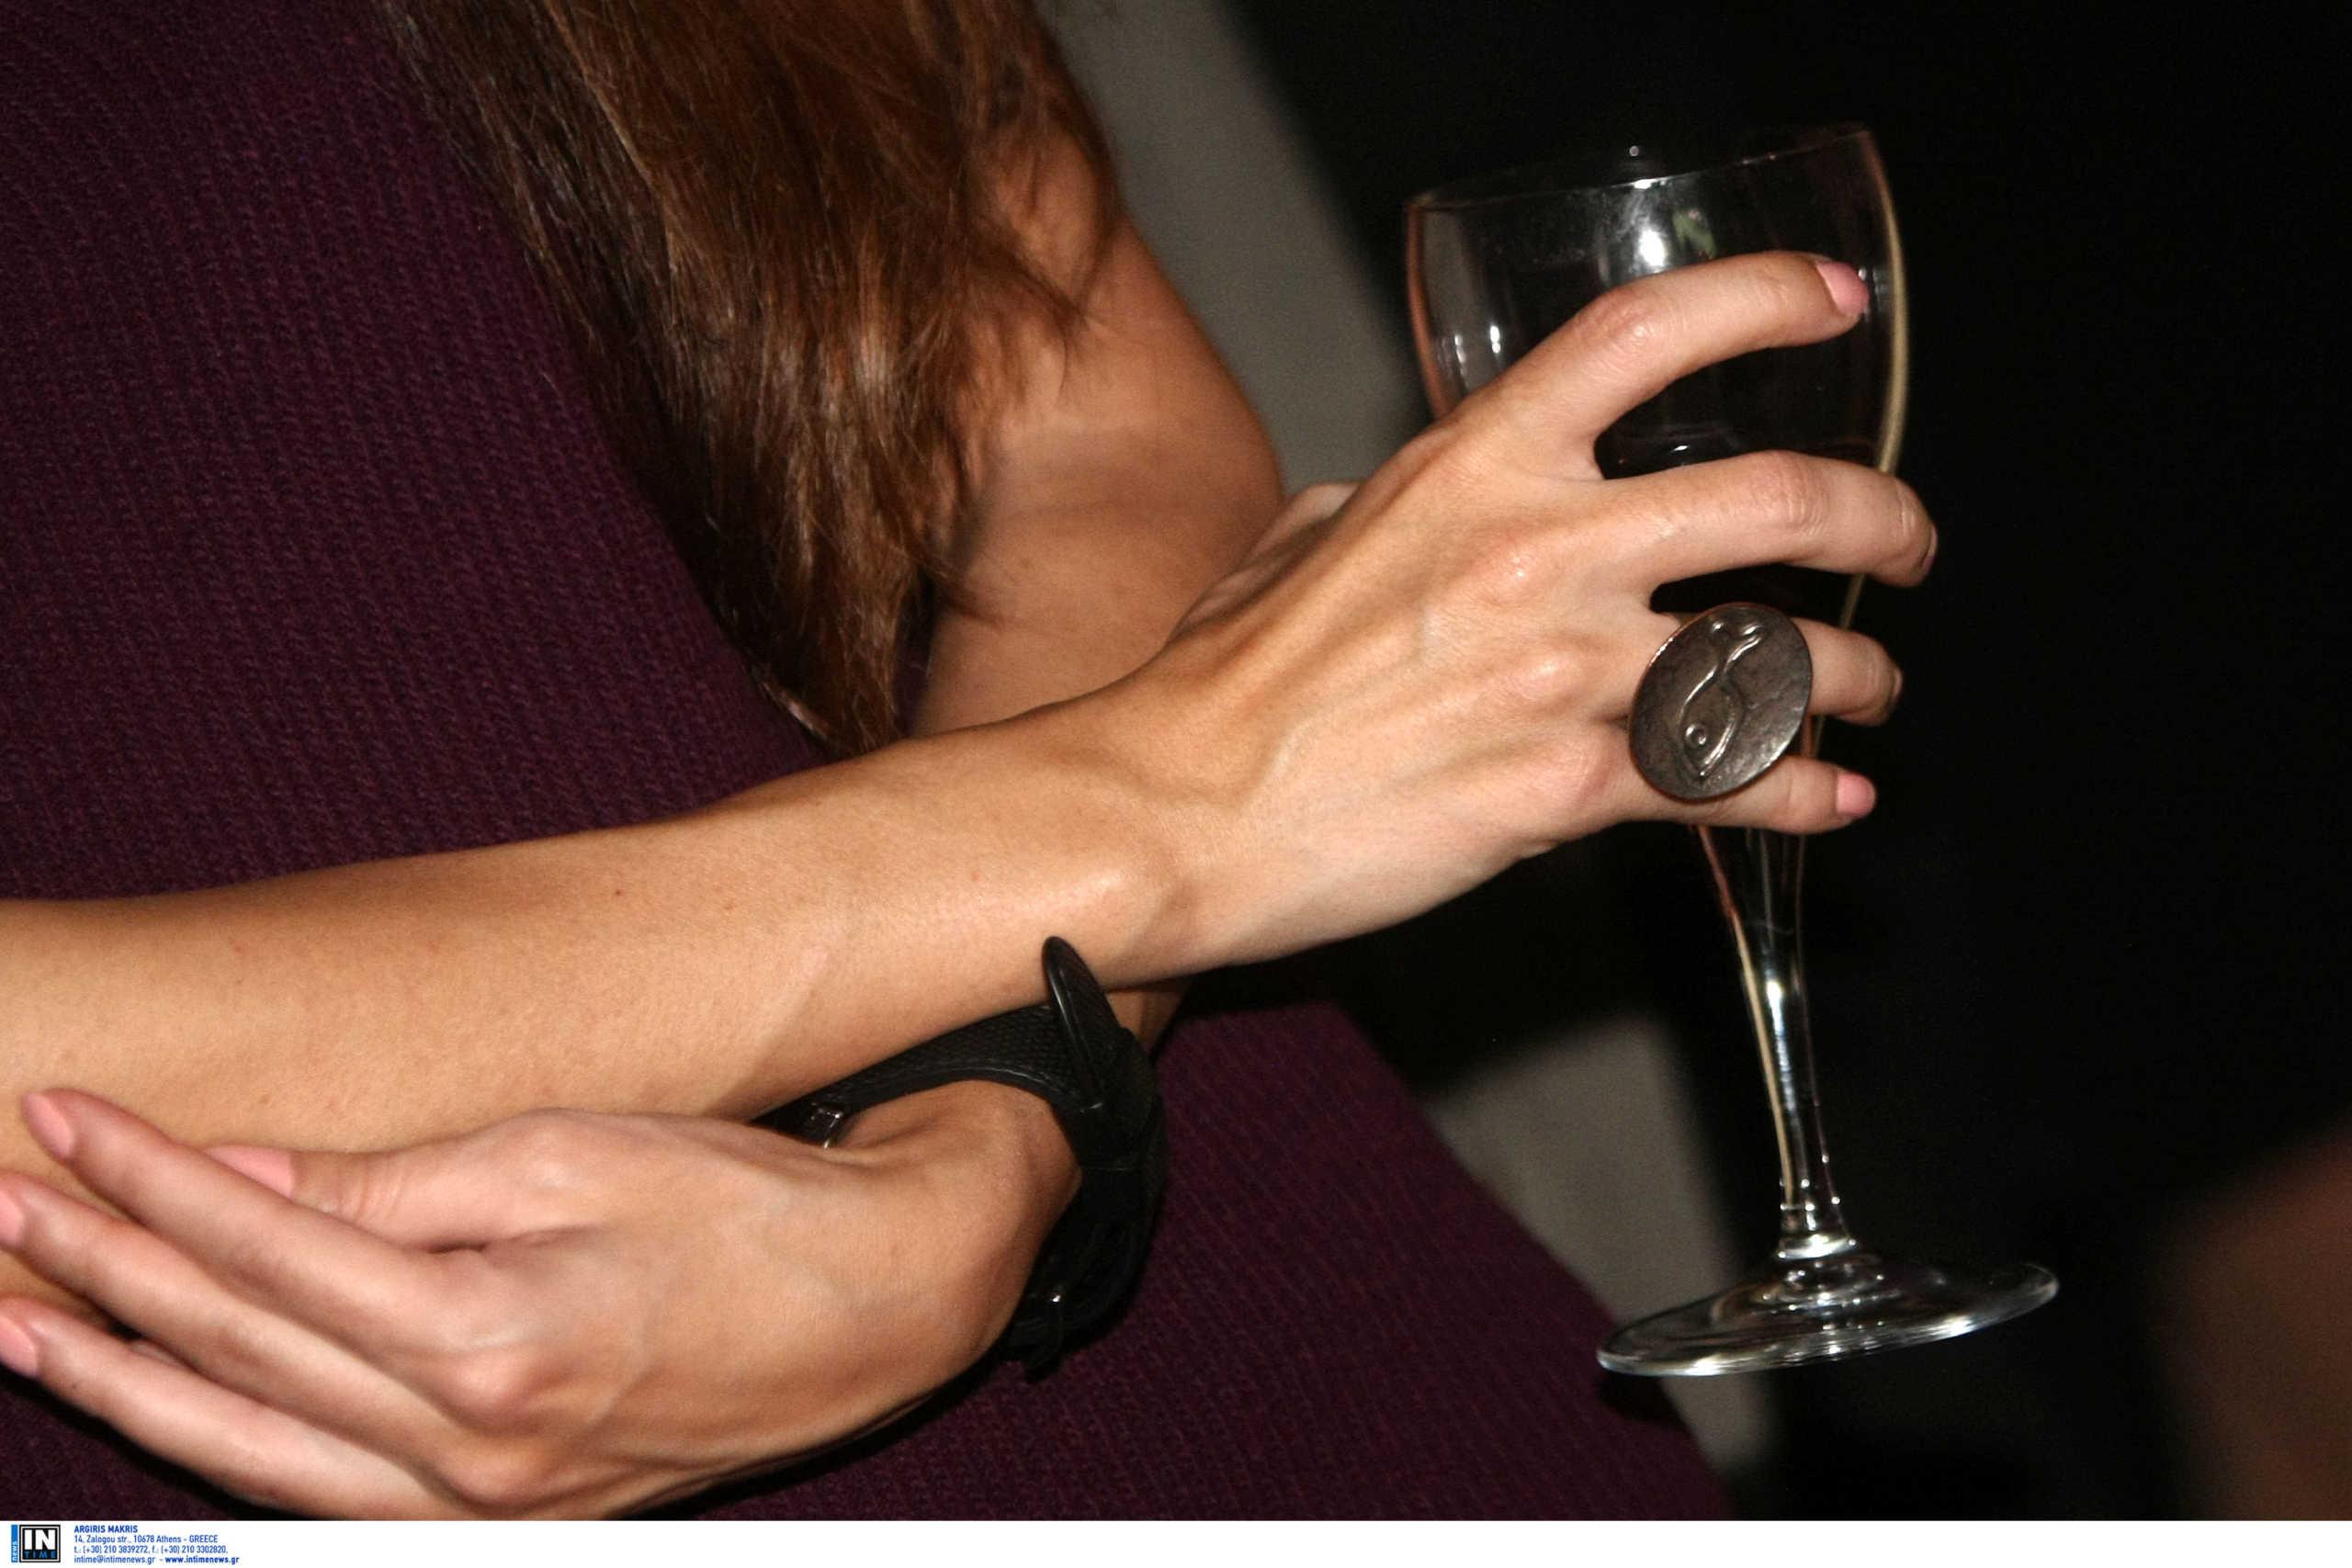 μία γυναίκα κρατάει ένα ποτήρι